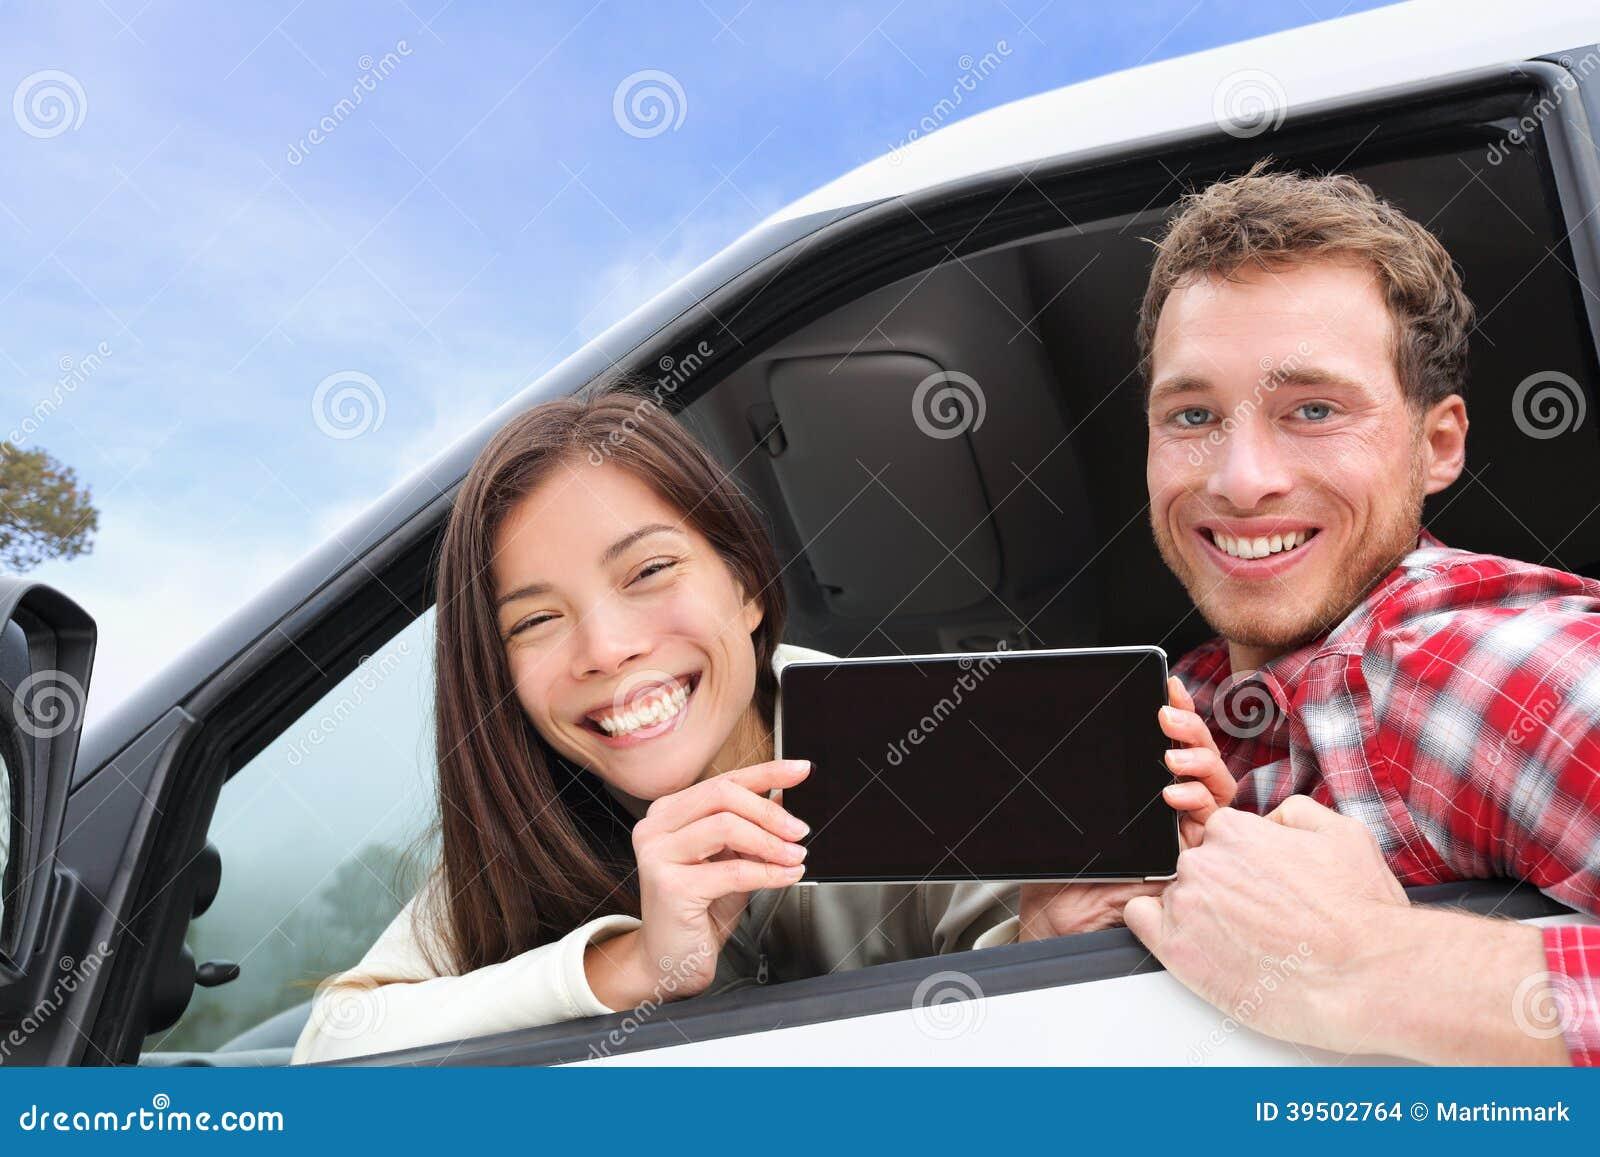 Tablet pc - par no carro que mostra a tela